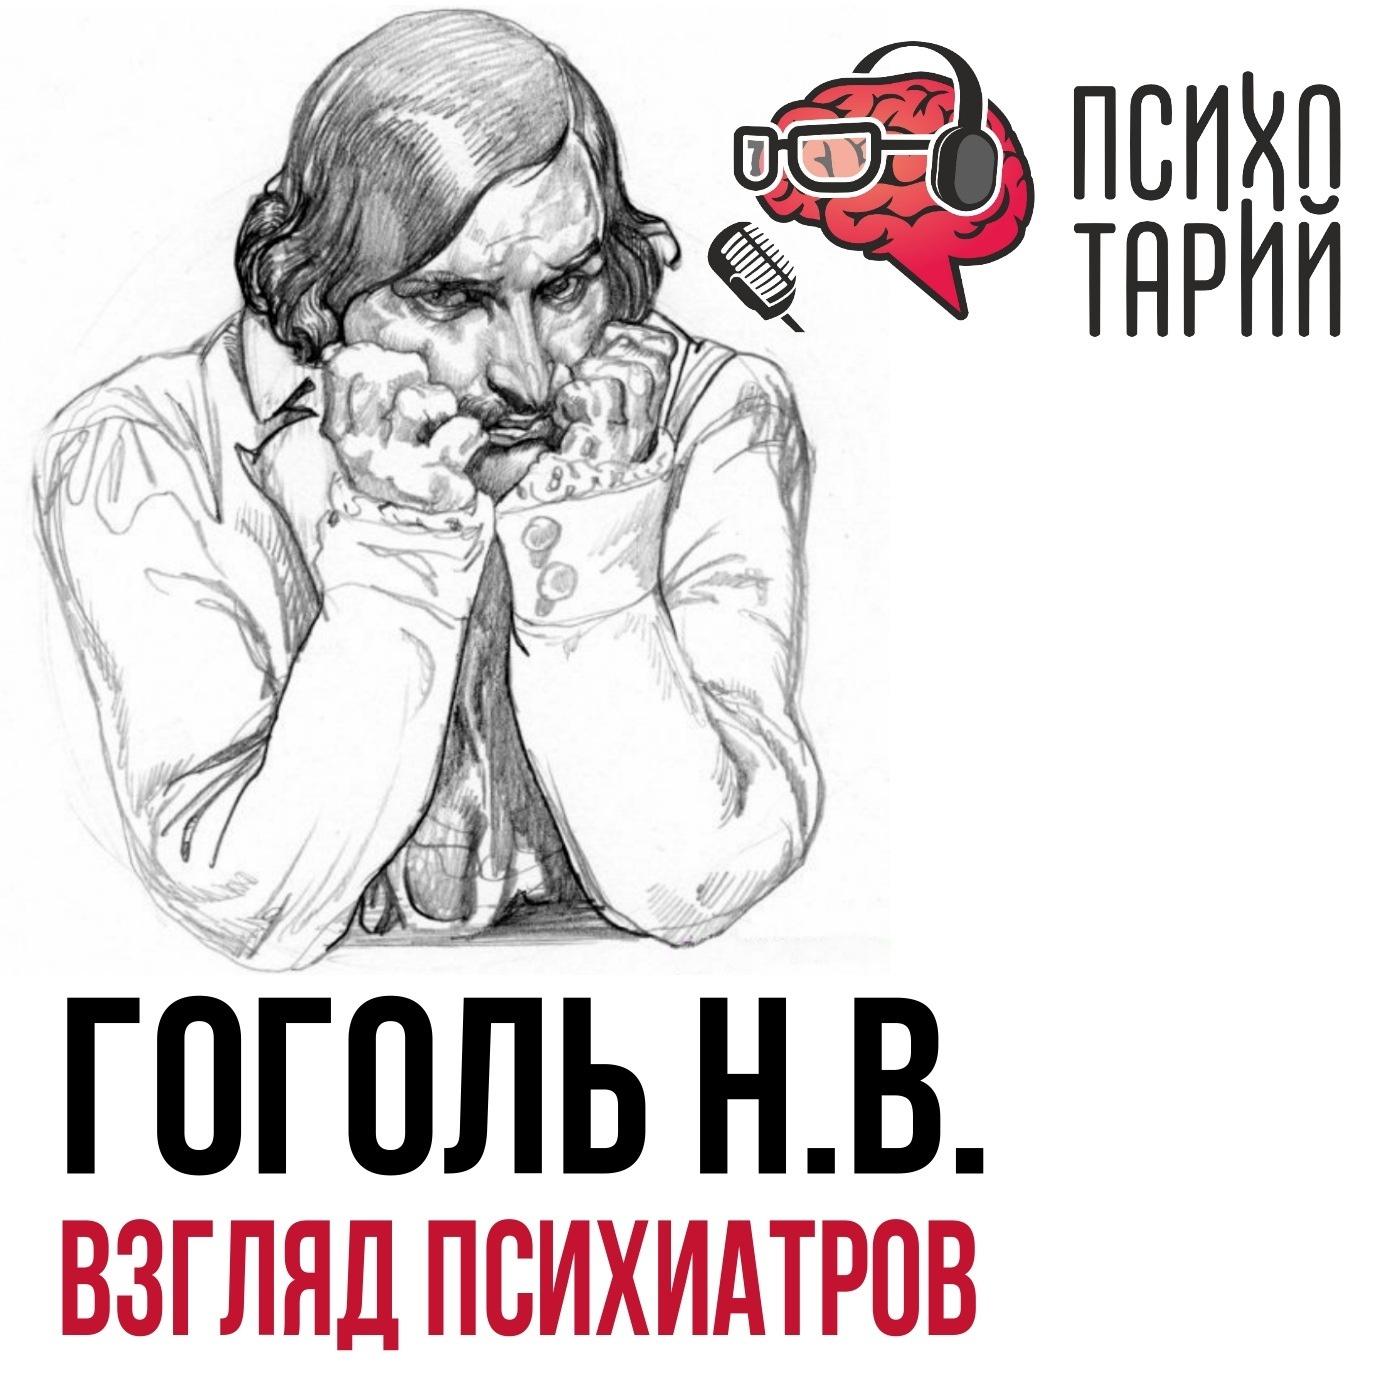 Психотарий Подкаст#31 - Психиатры о личности Гоголя Н.В.